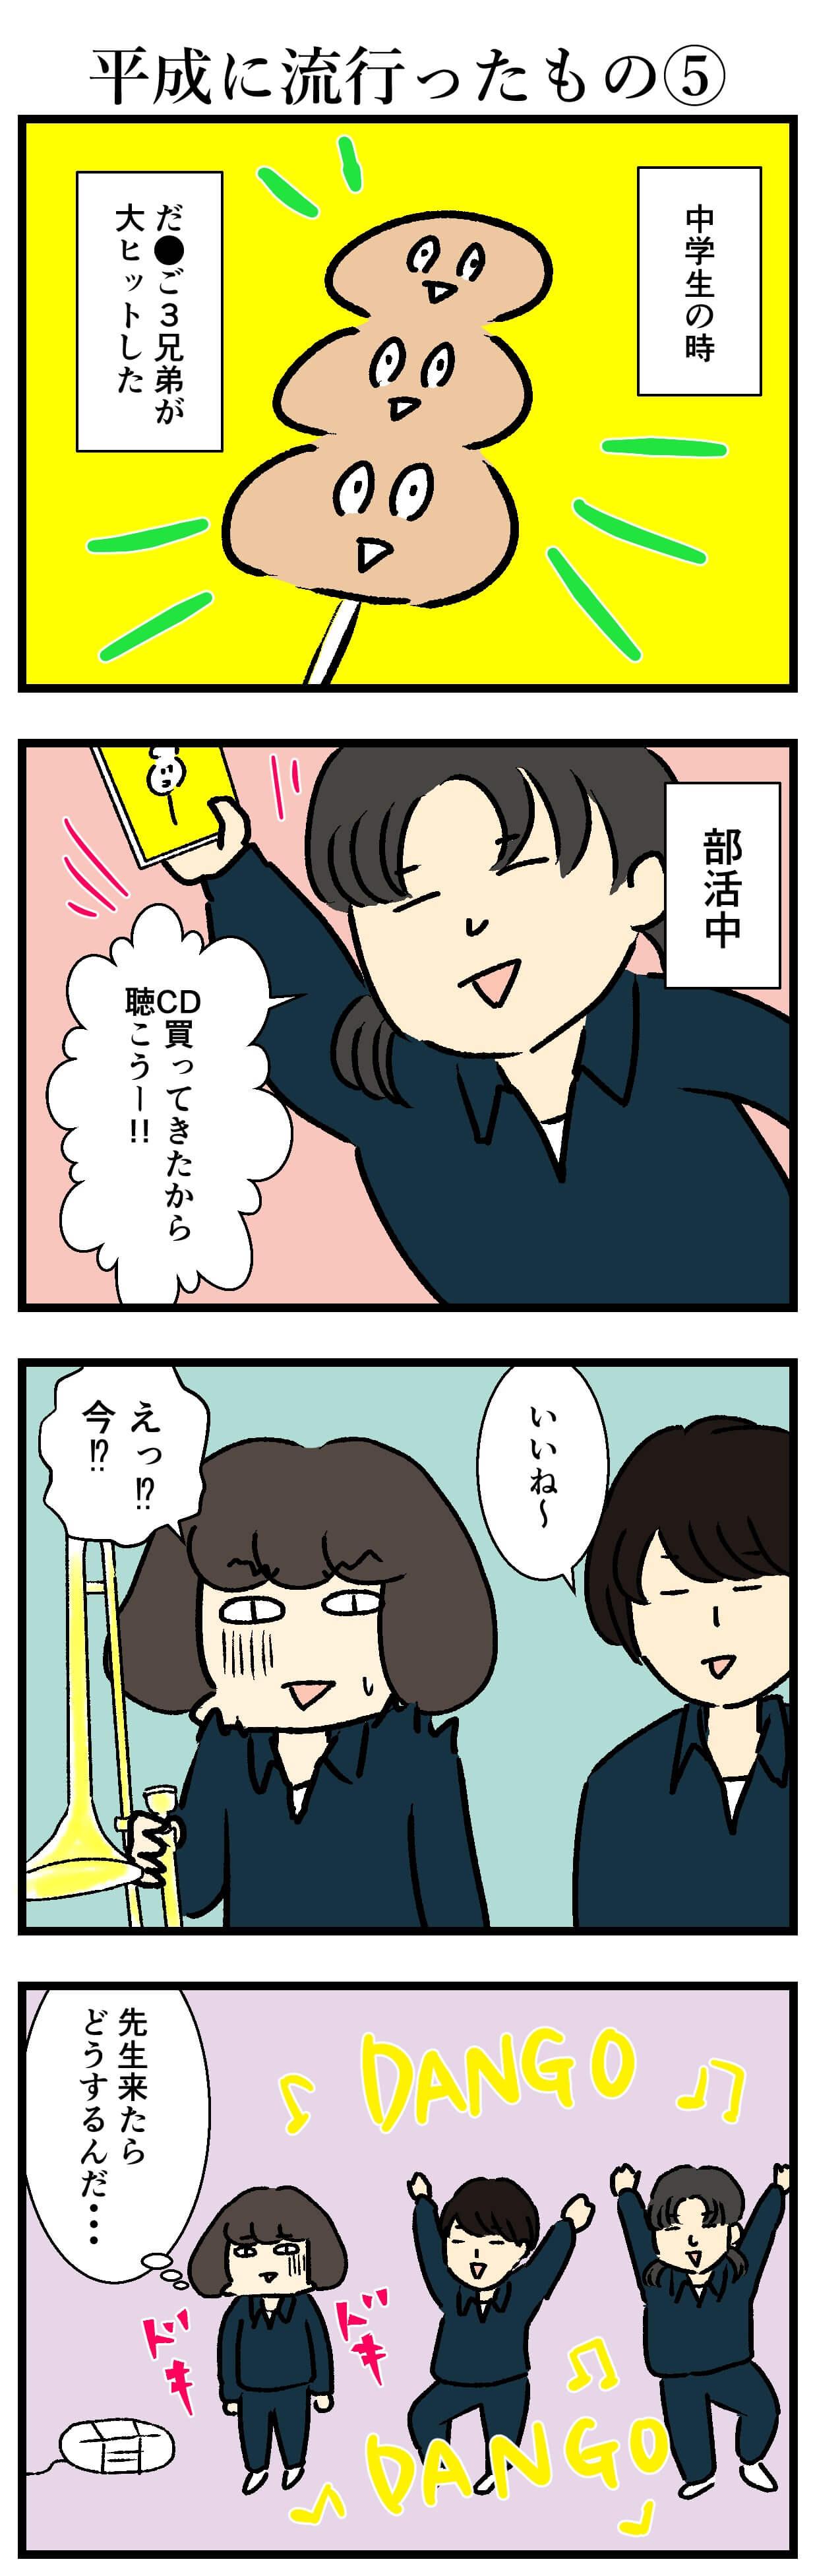 【エッセイ漫画】アラサー主婦くま子のふがいない日常(109)